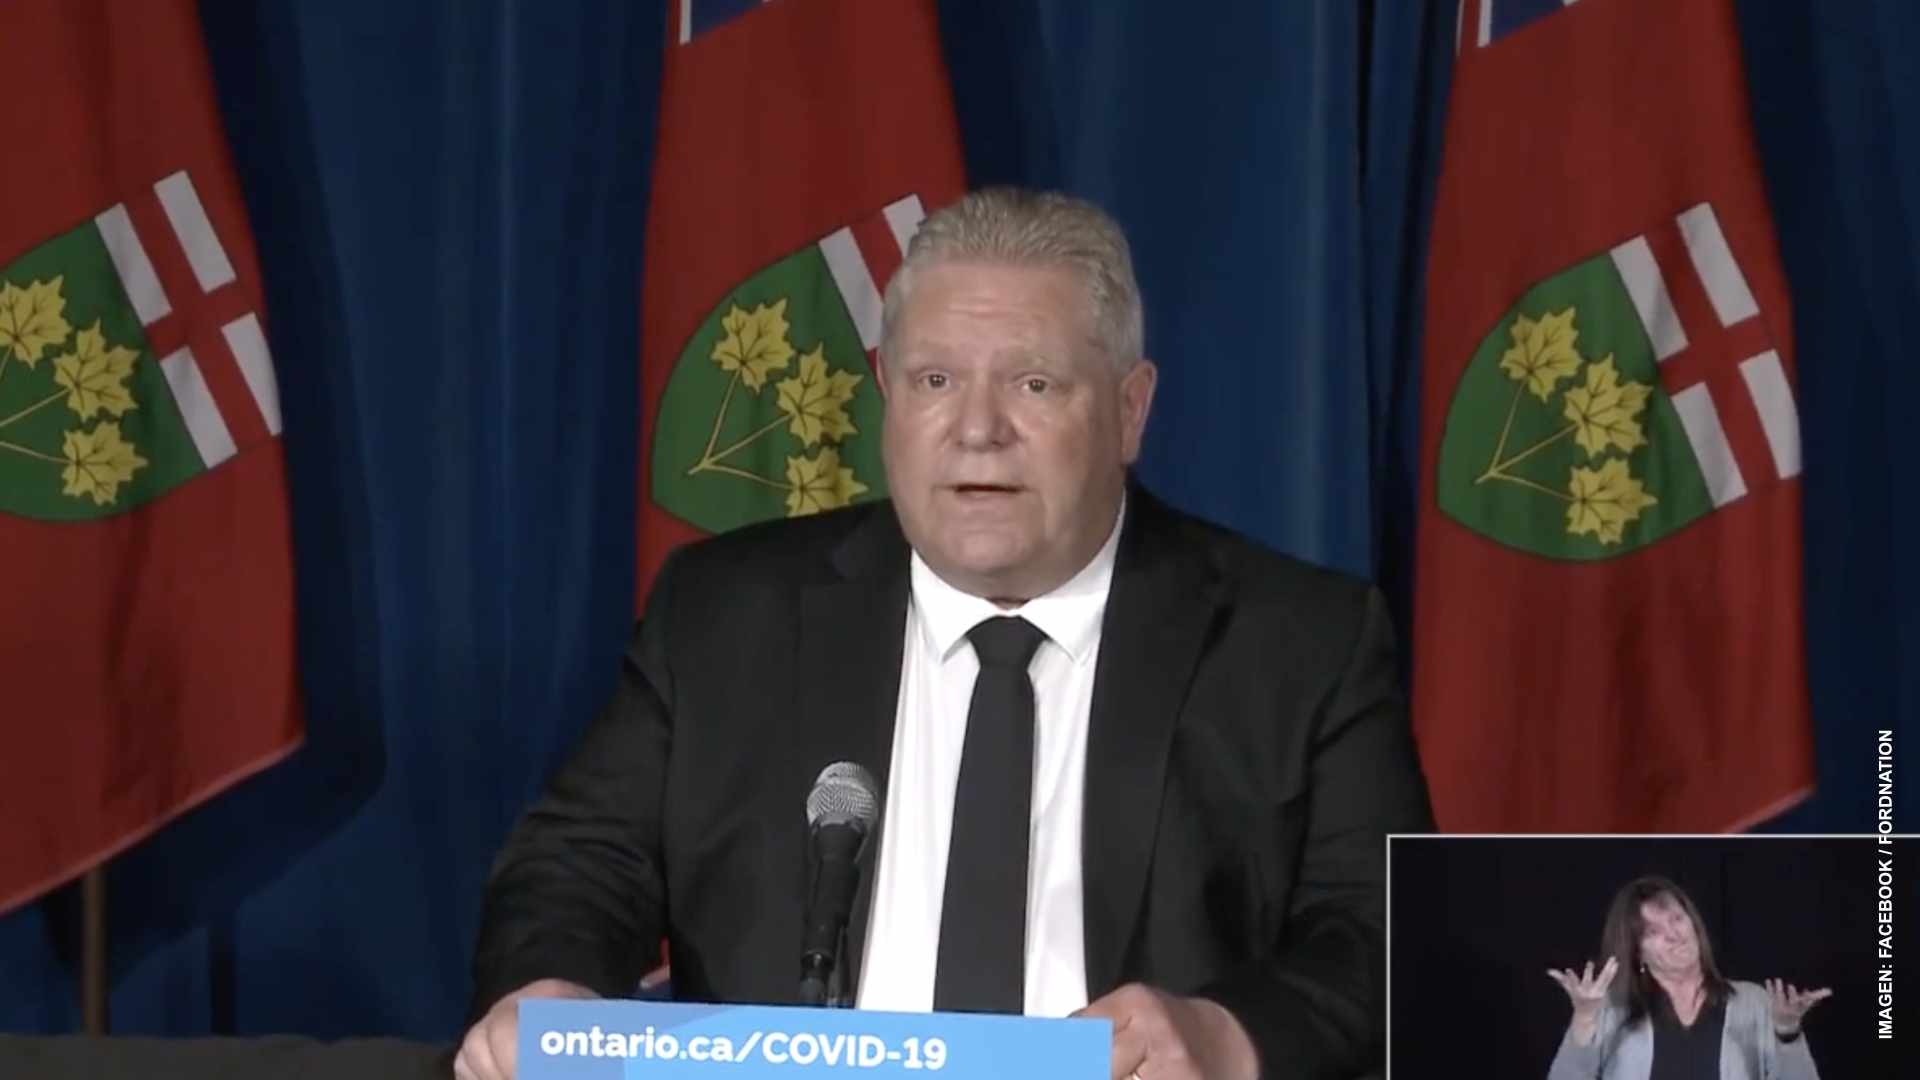 Todo Canadá se moviliza para auxiliar a Ontario